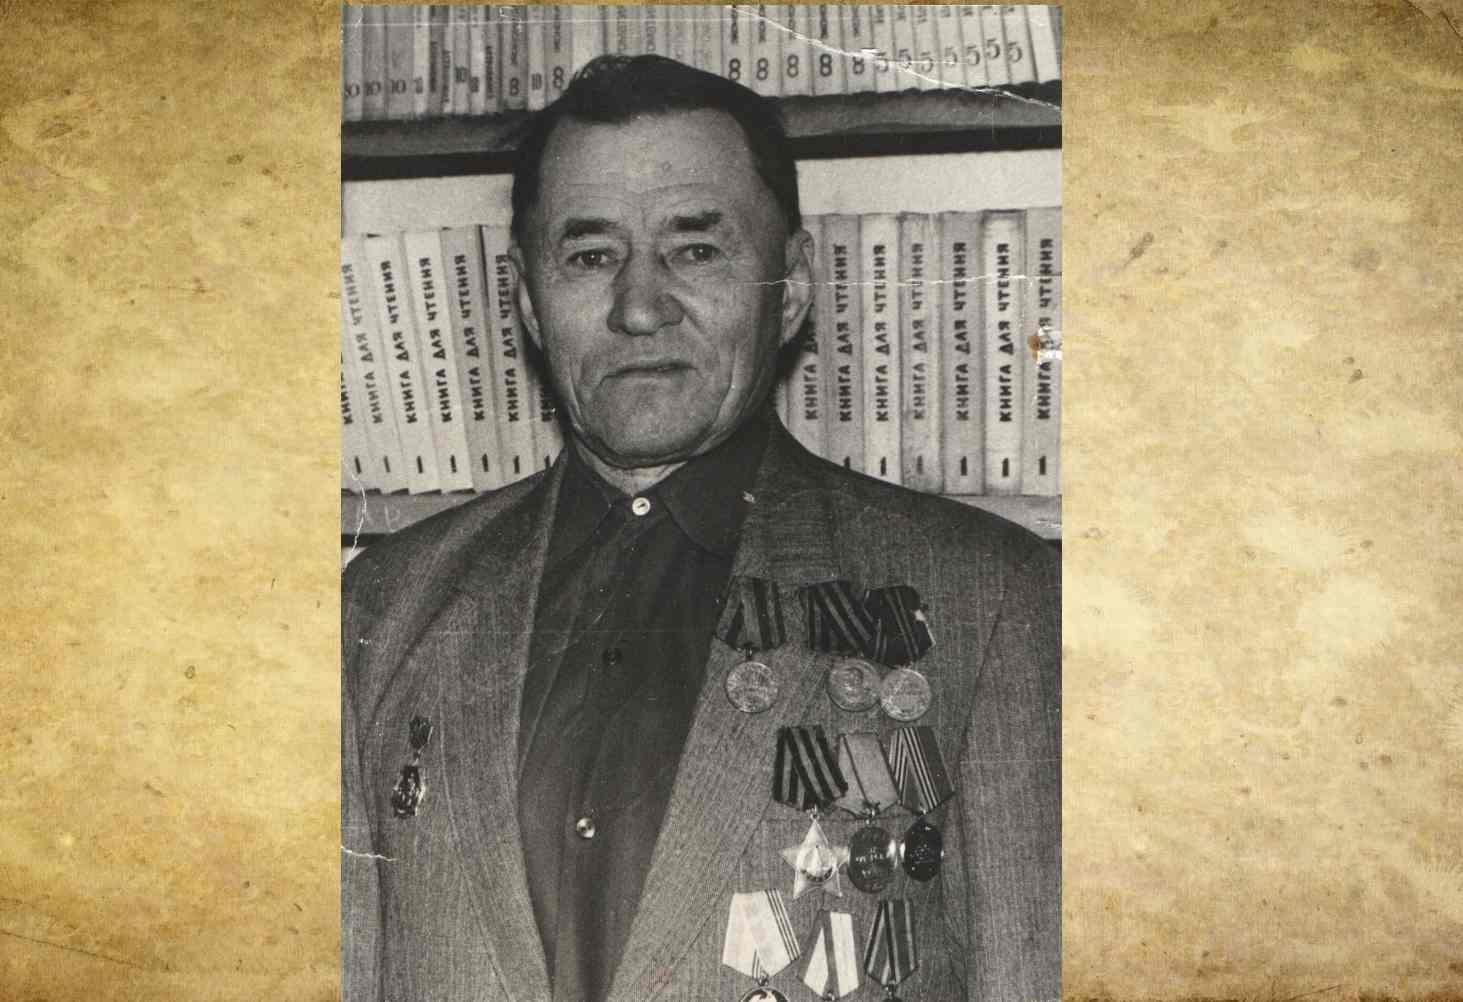 yamalskij-strelok-vityazev-ilya-alekseevich